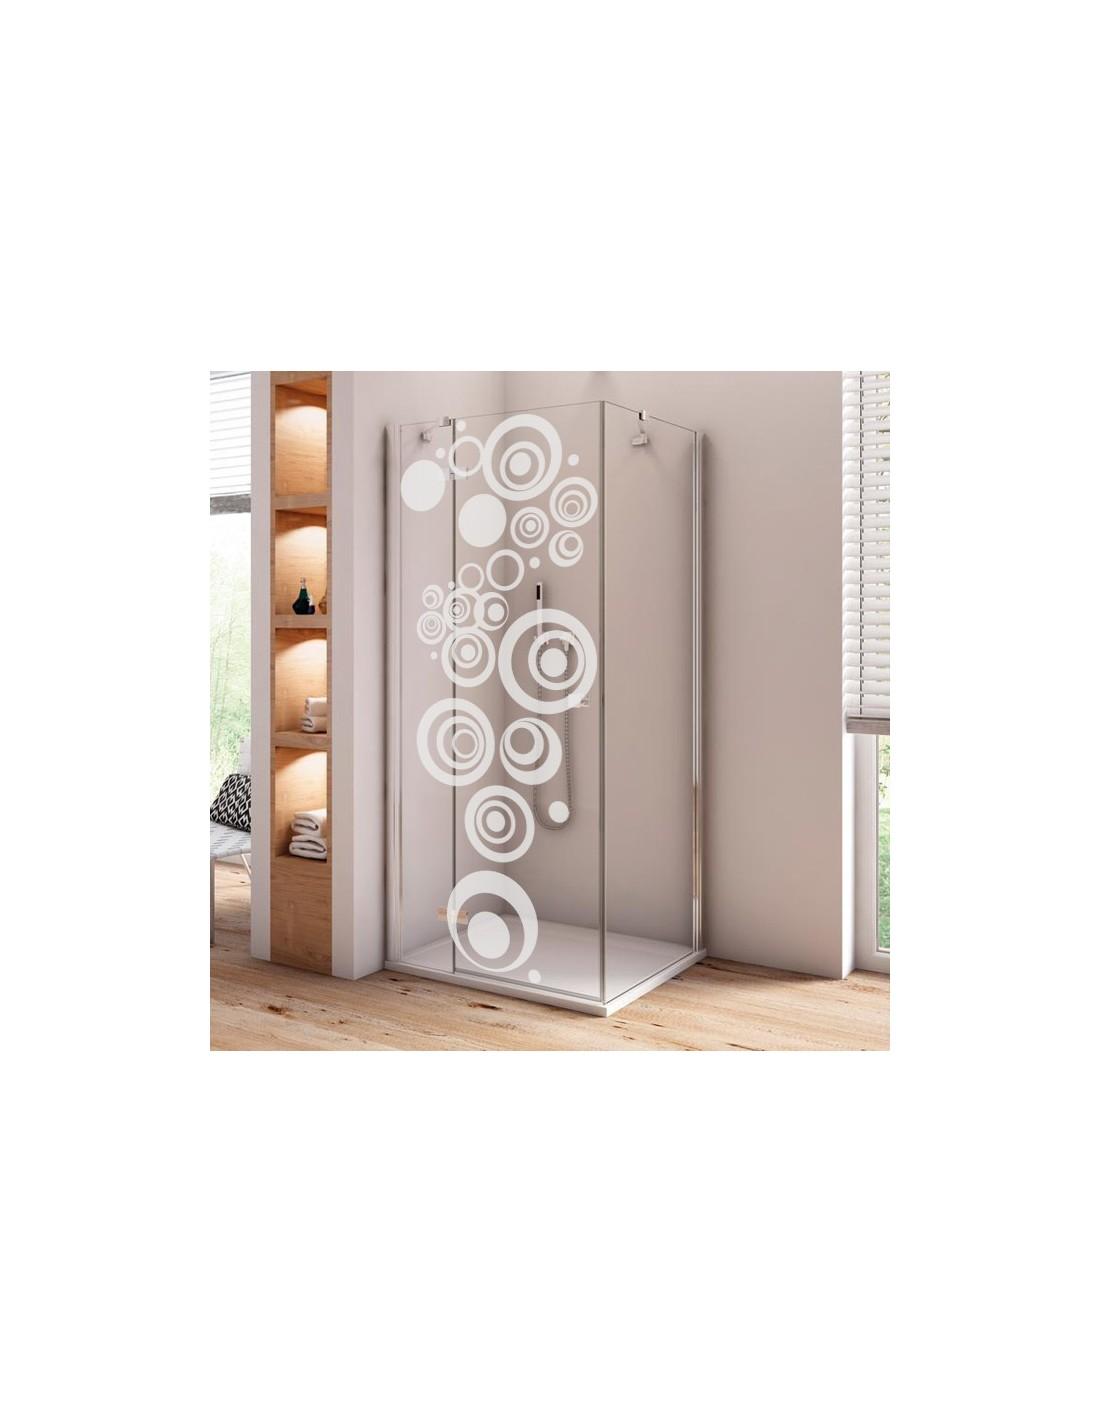 kit stickers d coration paroi de douche adh sif d poli sp cial vitre. Black Bedroom Furniture Sets. Home Design Ideas